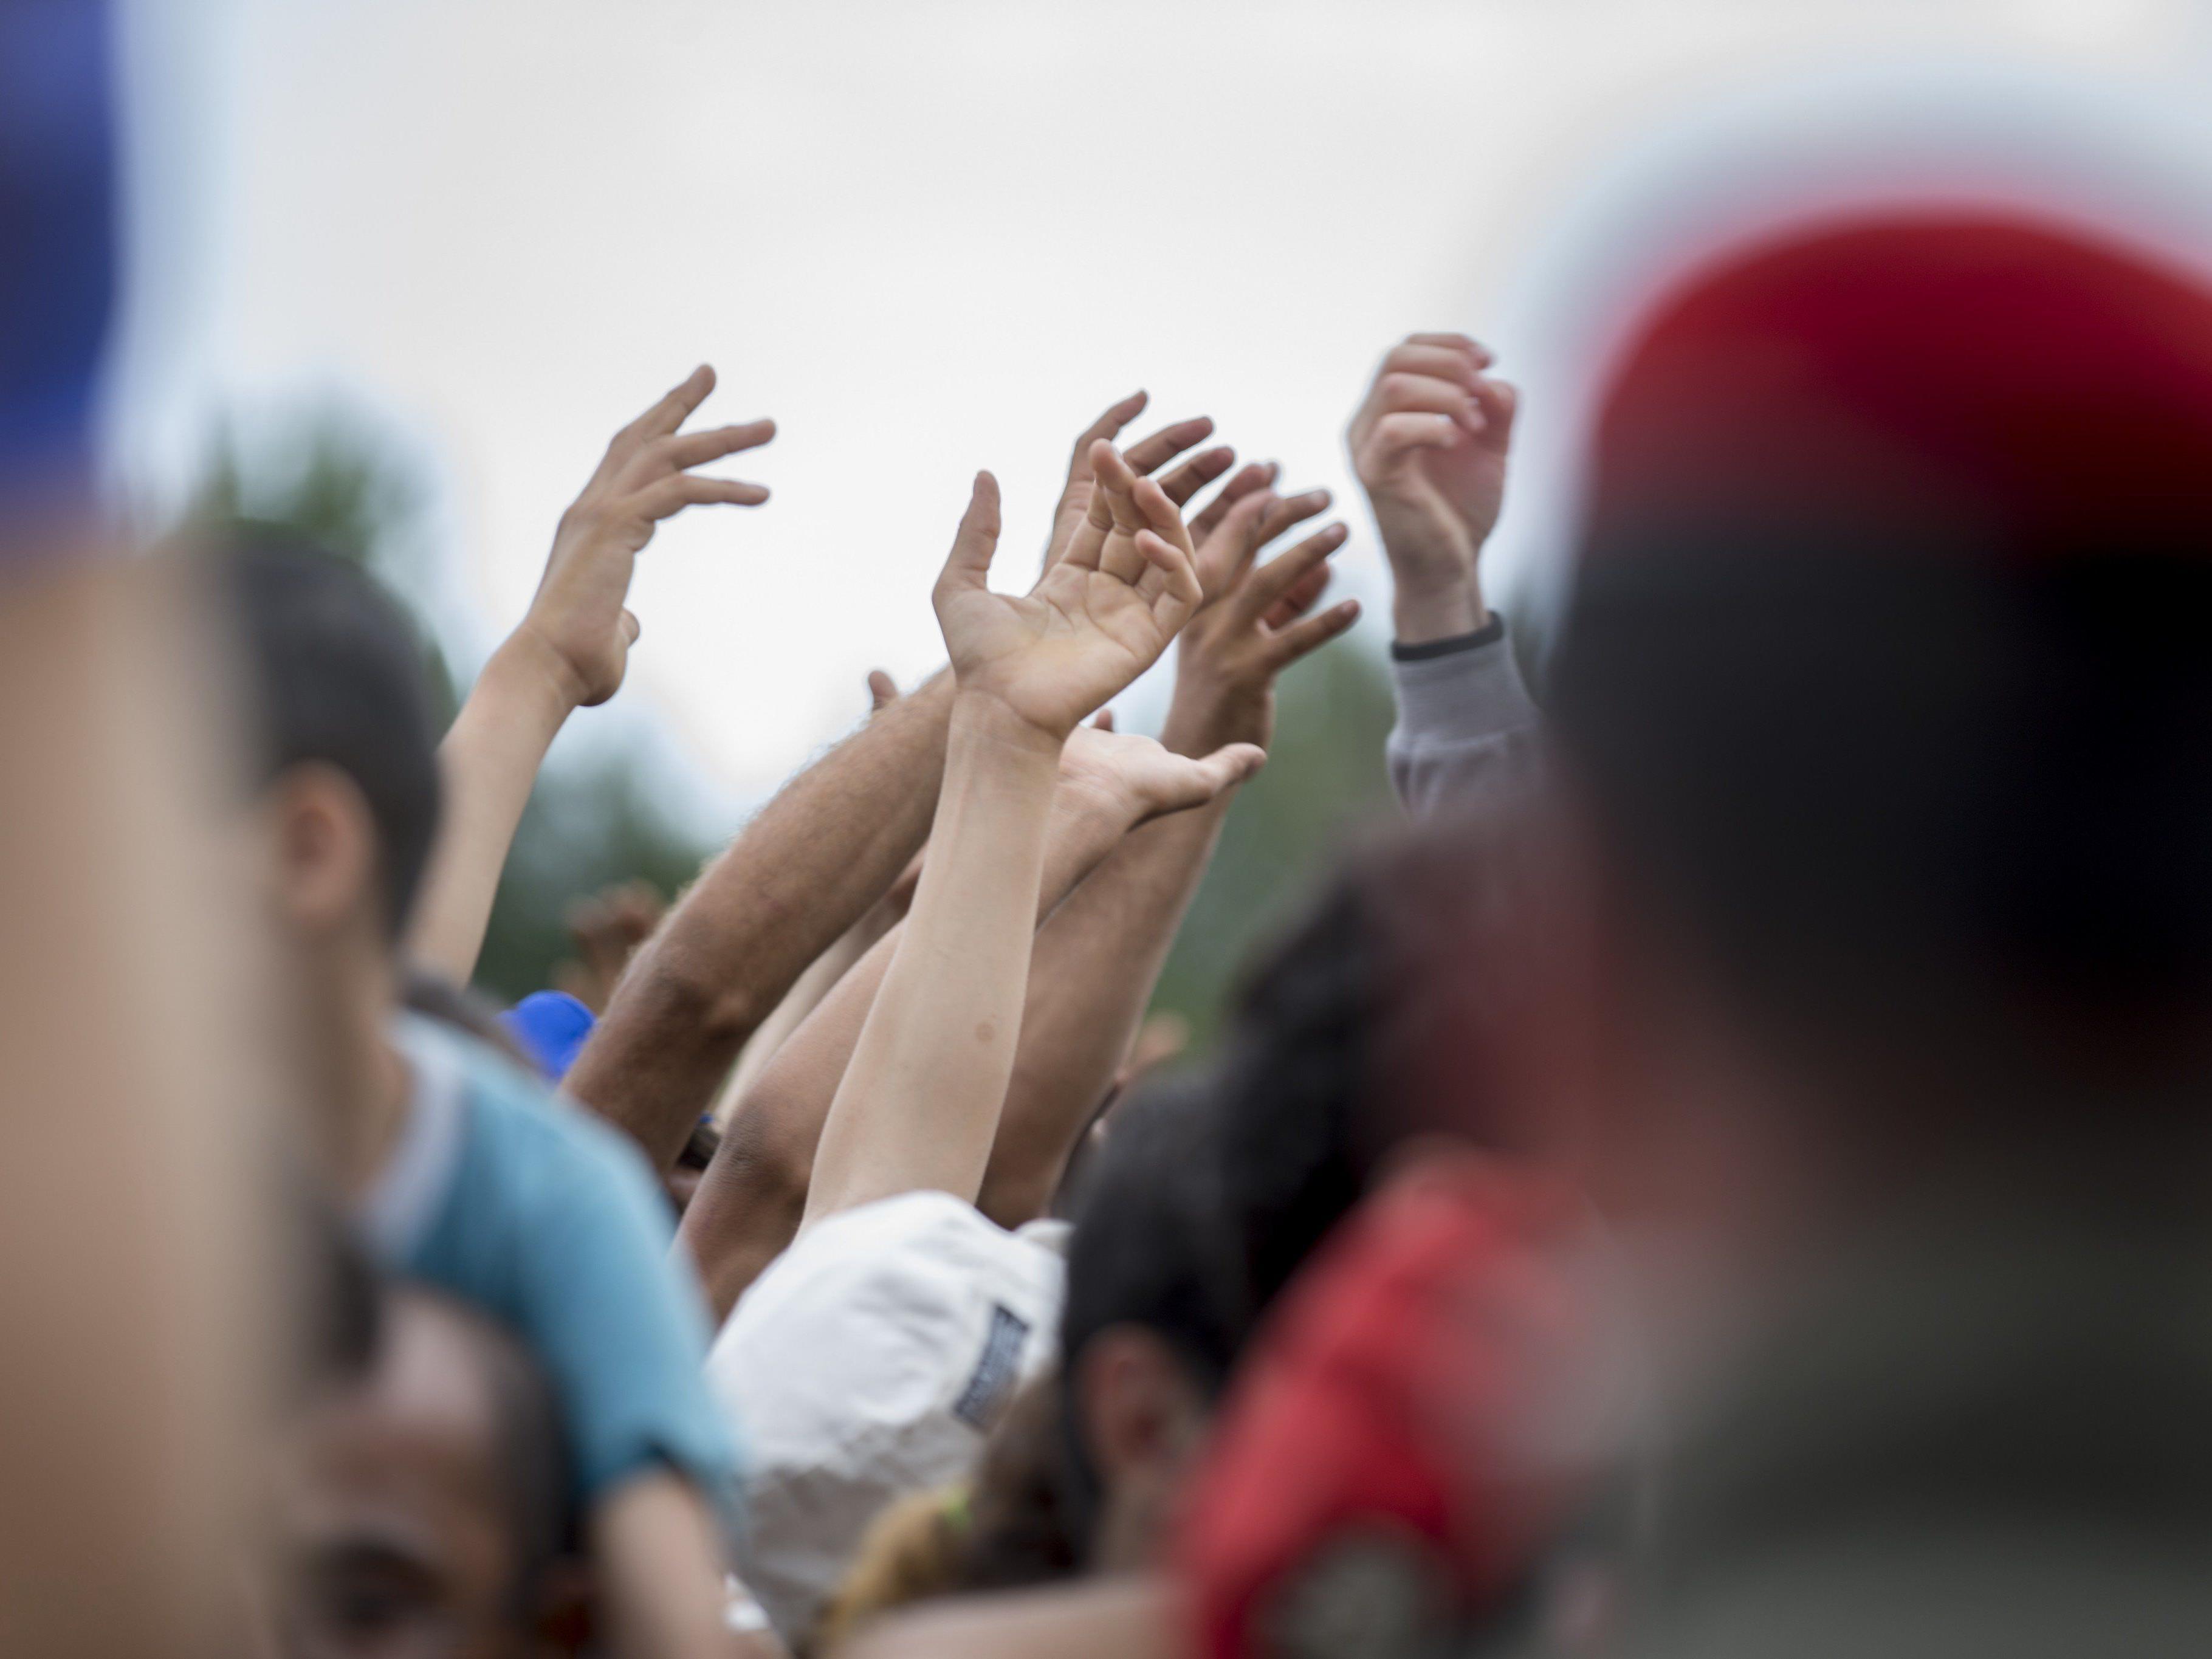 Flüchtlinge - 12.400 Ankömmlinge in Nordeuropa in zwei Wochen